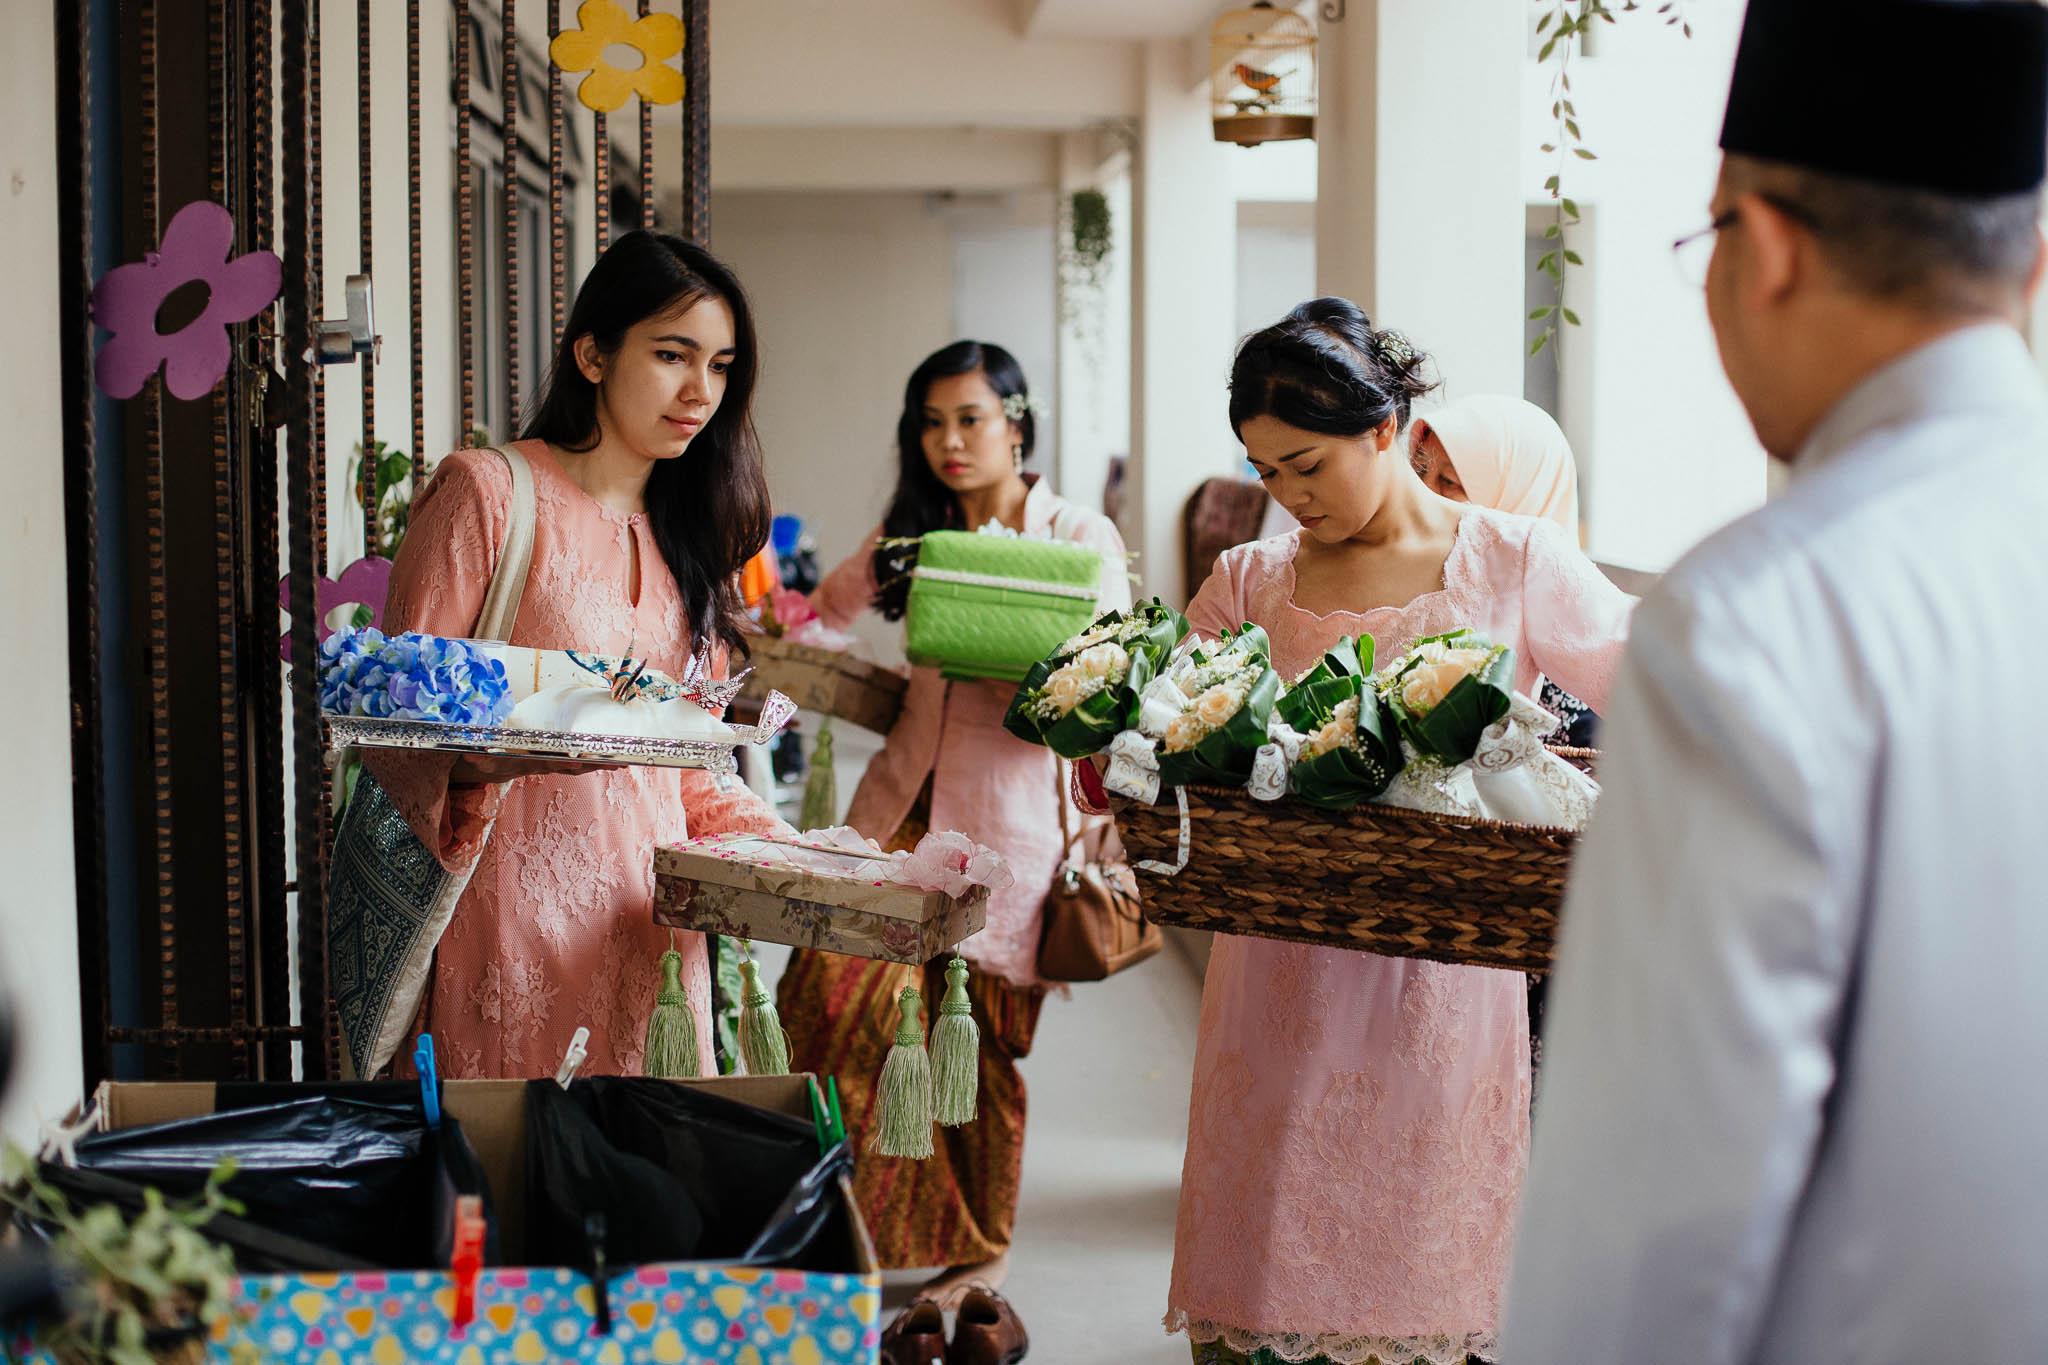 singapore-wedding-photographer-travel-wemadethese-atara-hafizah-07.jpg